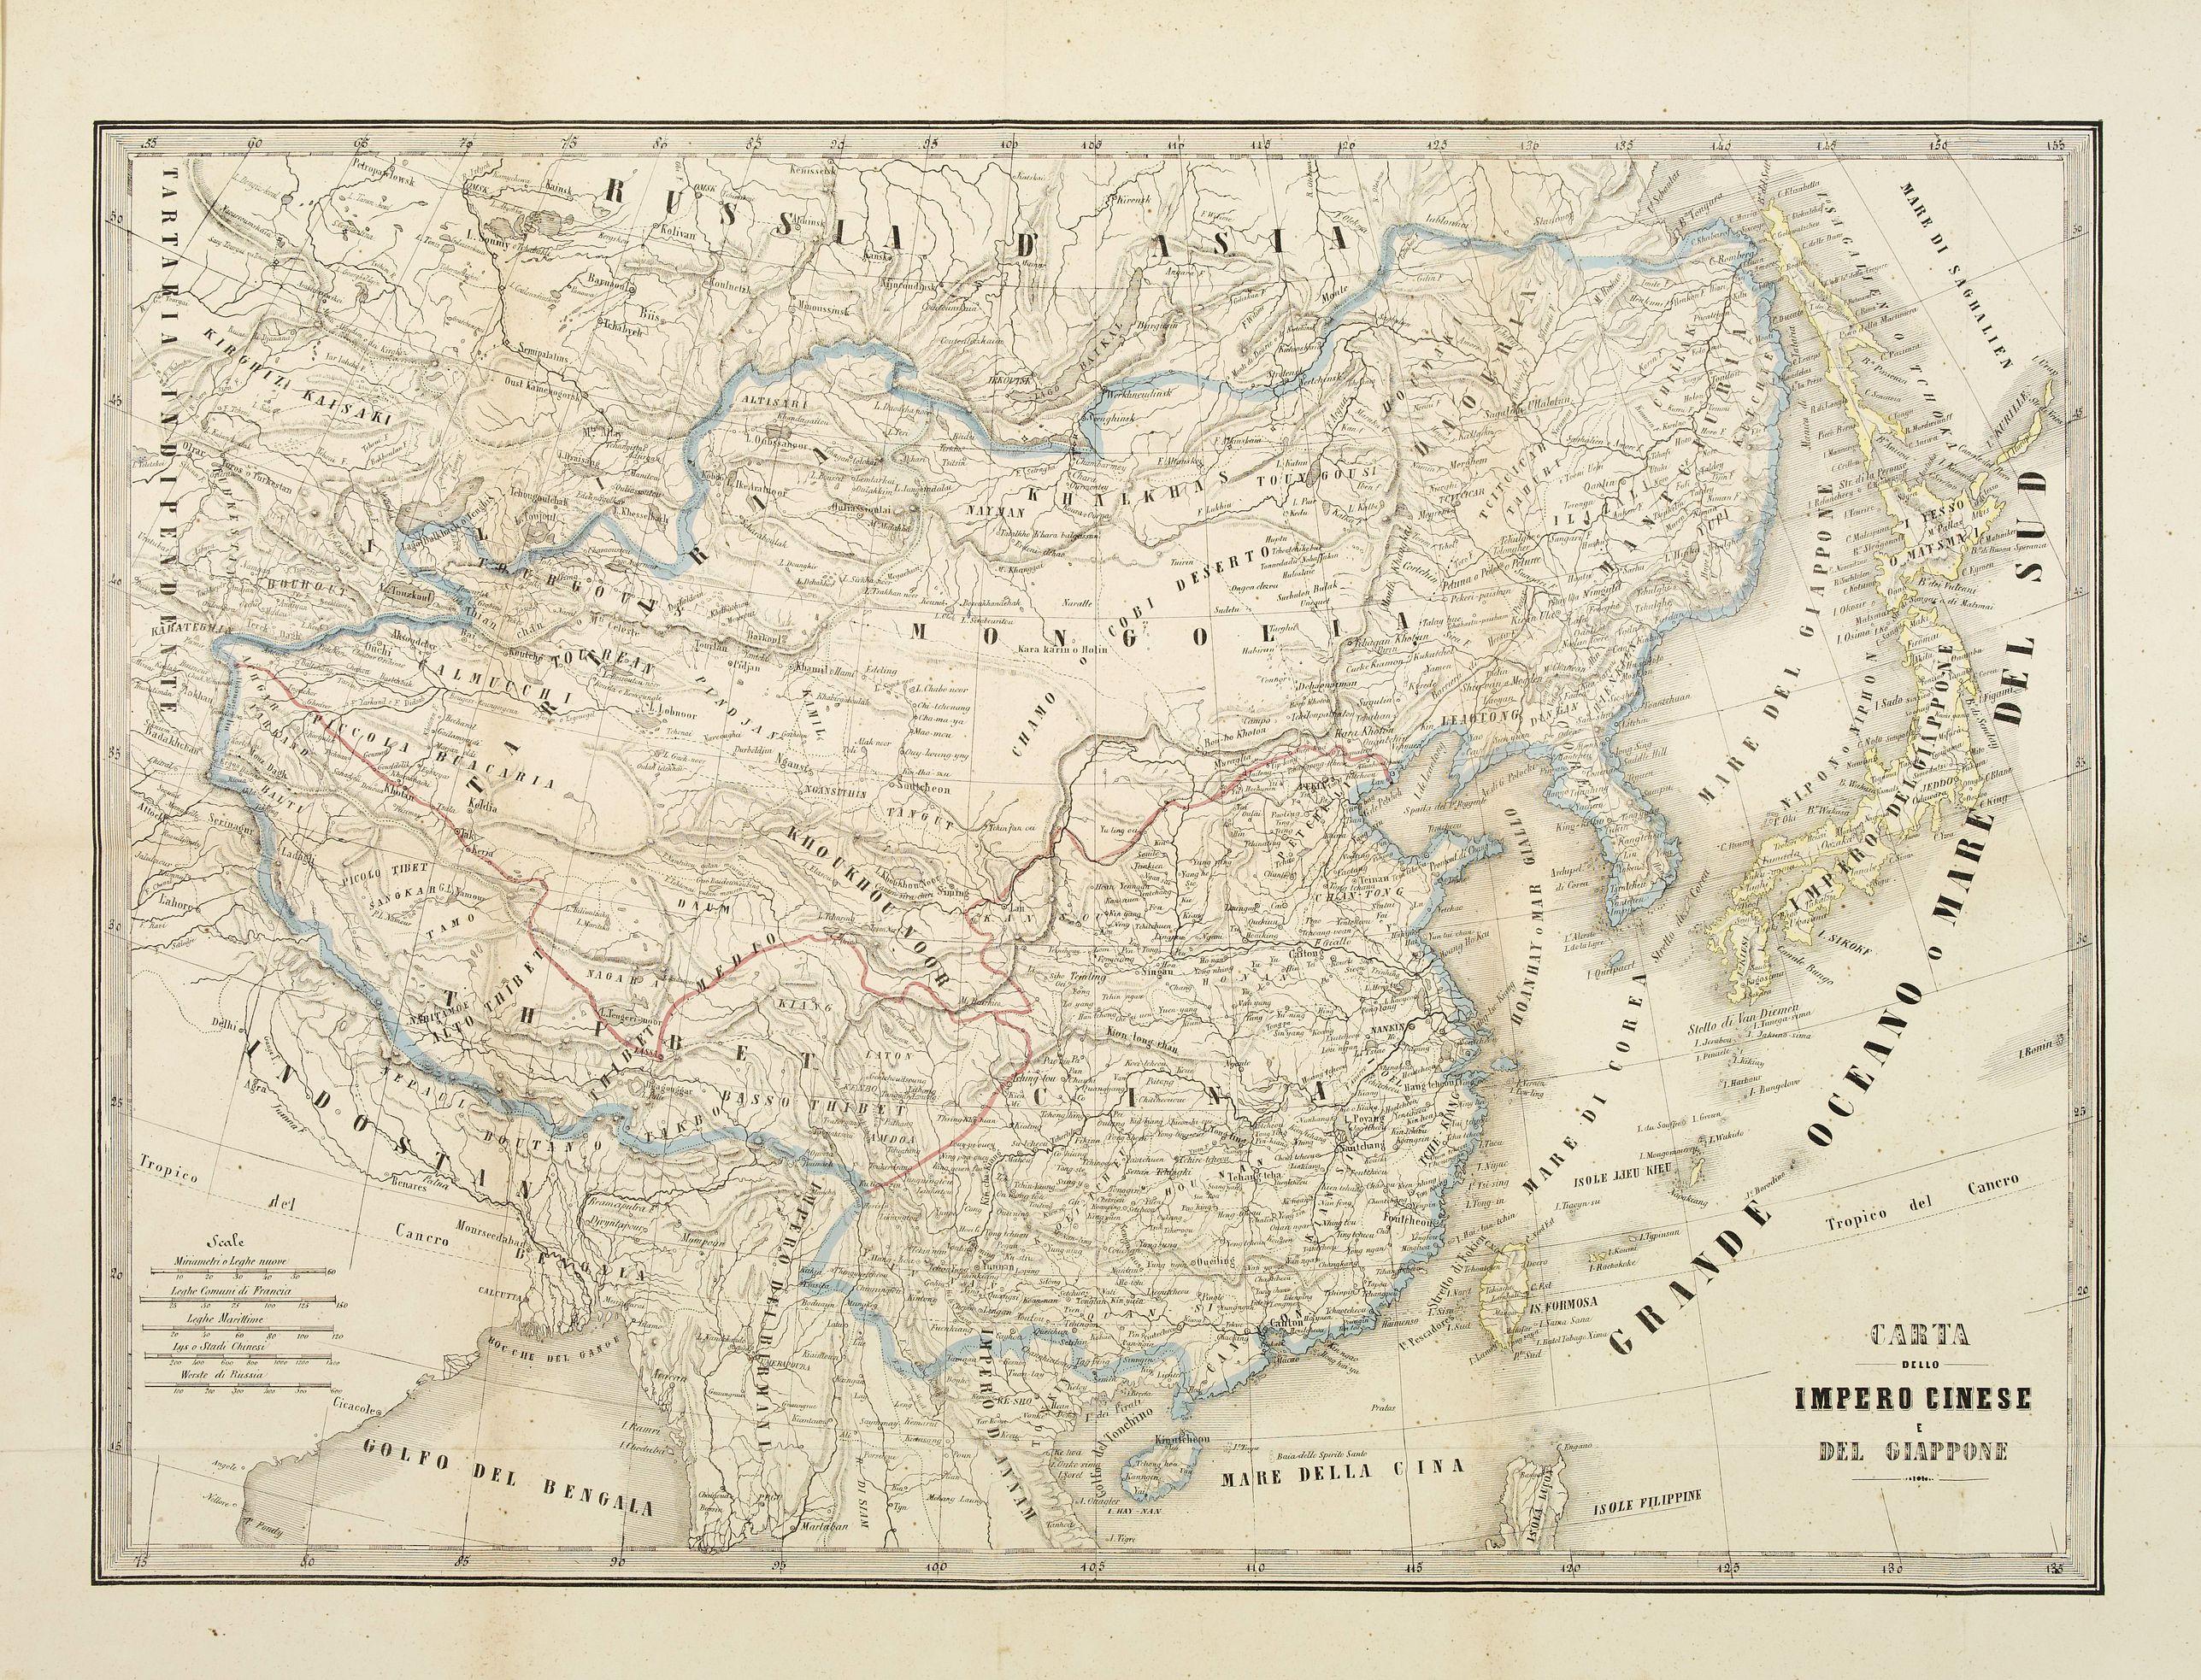 DOYEN,Fr. -  Carta dello Imperio Cinese e del Giappone.